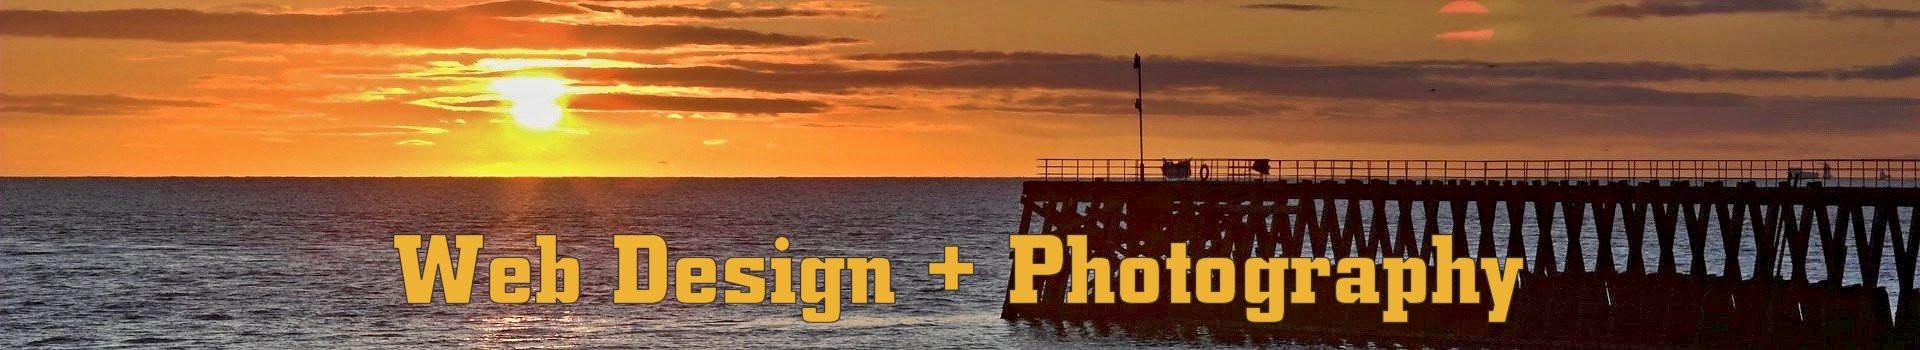 http://ljbweb.com/wp-content/uploads/2014/10/ljb-sunrise2-1920x350.jpg